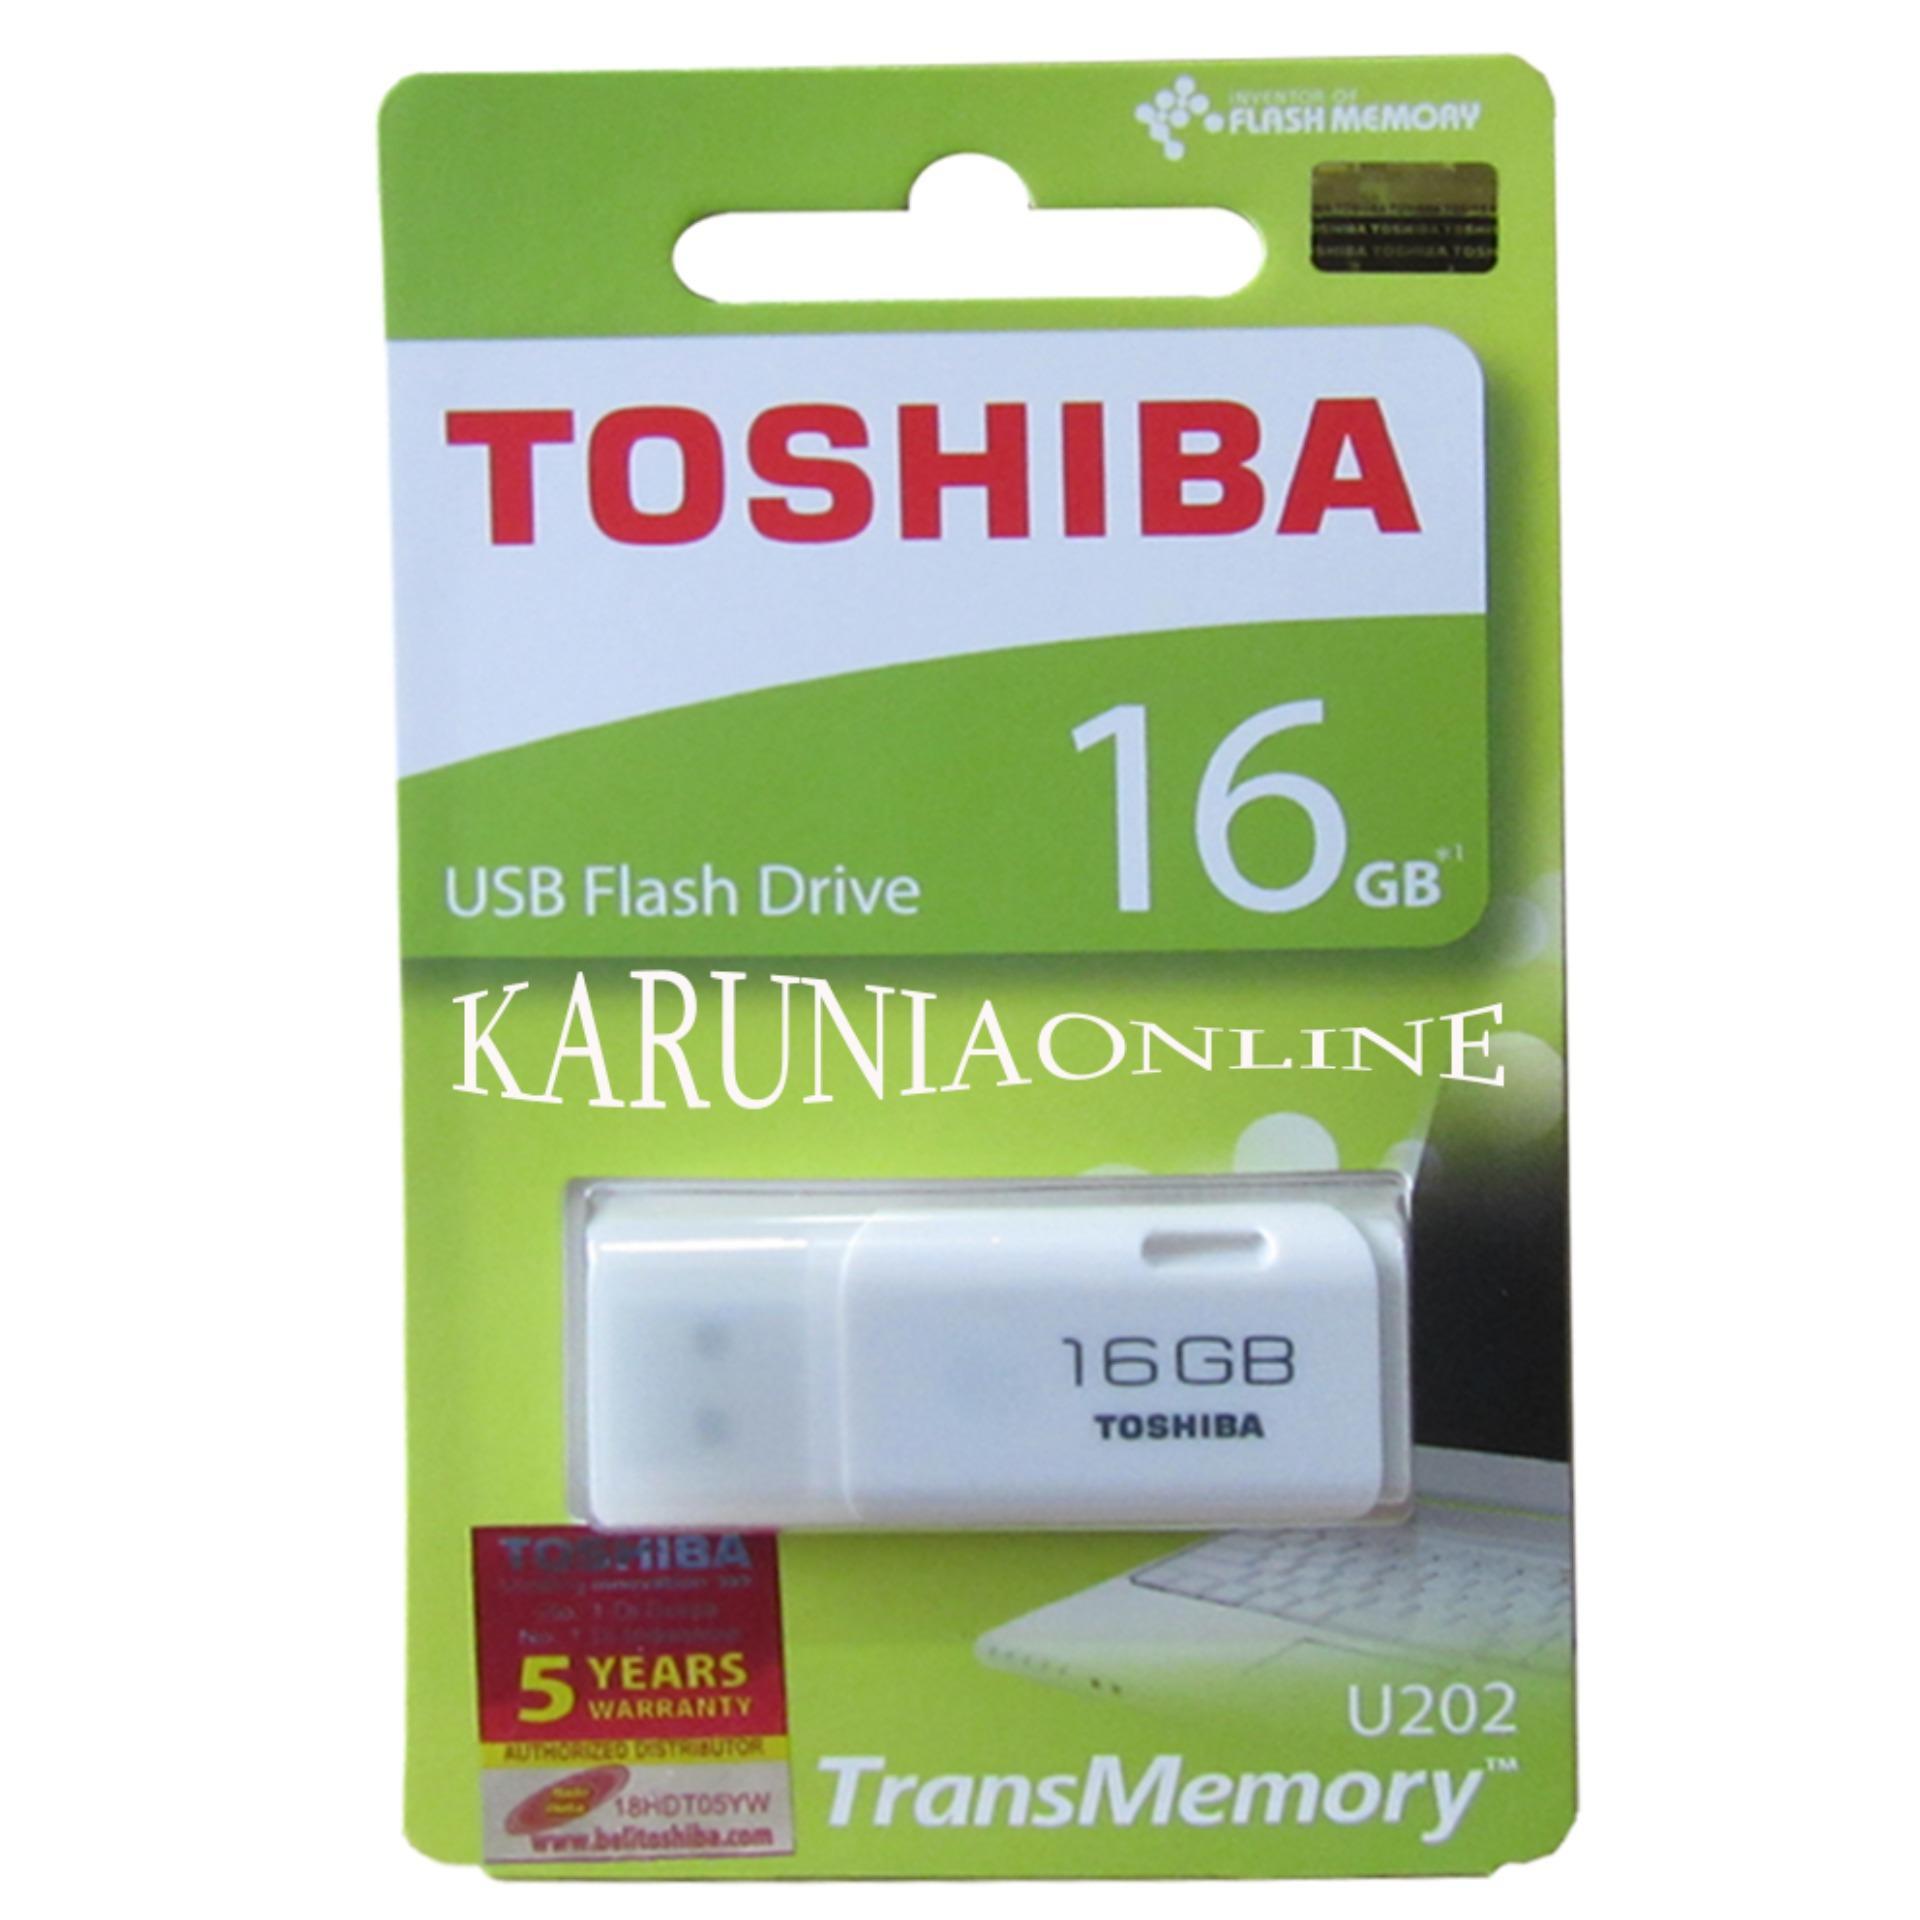 TOSHIBA FLASHDISK HAYABUSA 16GB - Putih